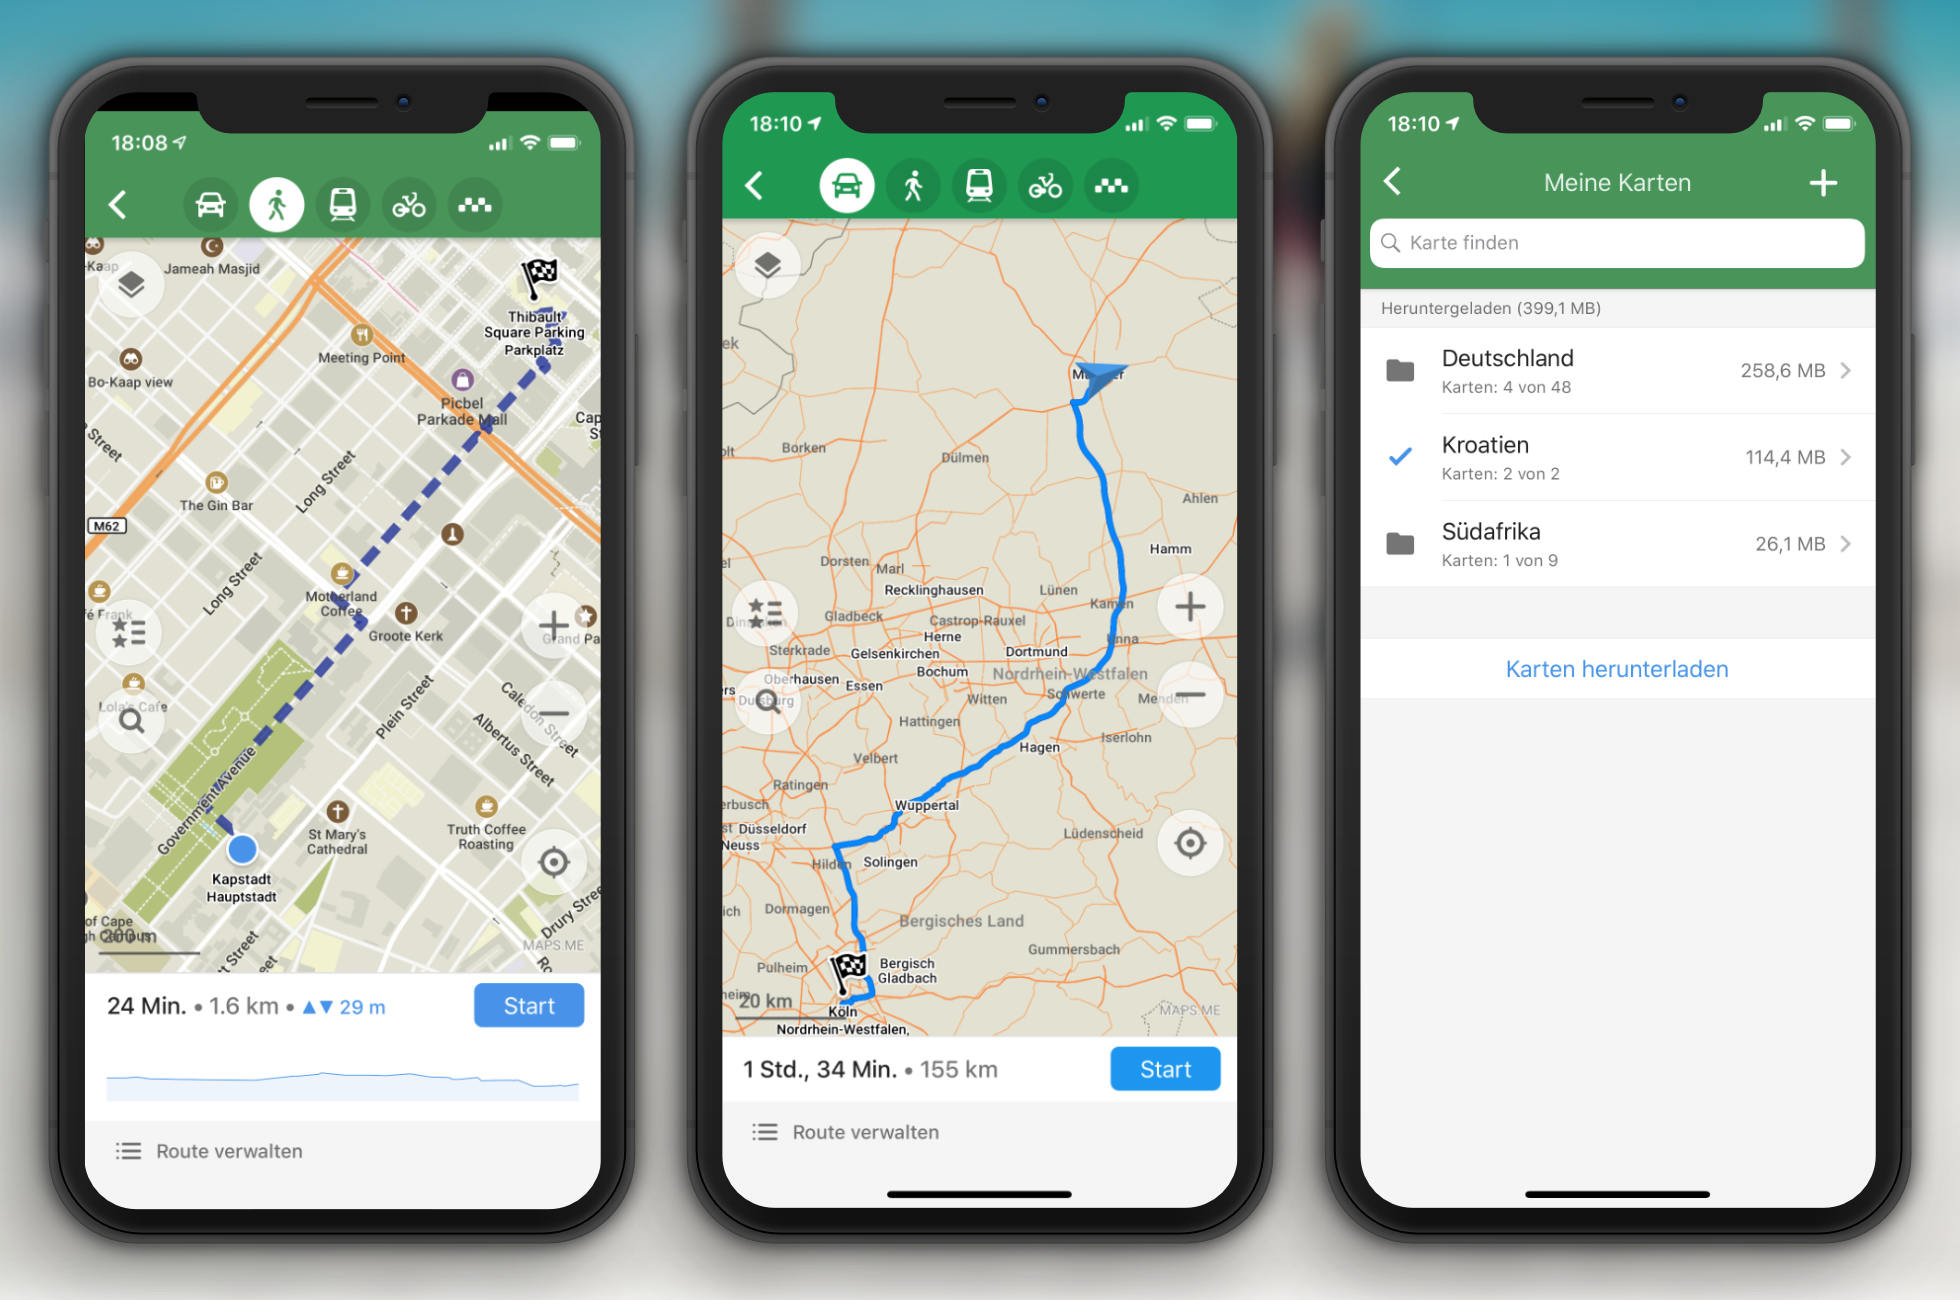 Maps.me Karten App